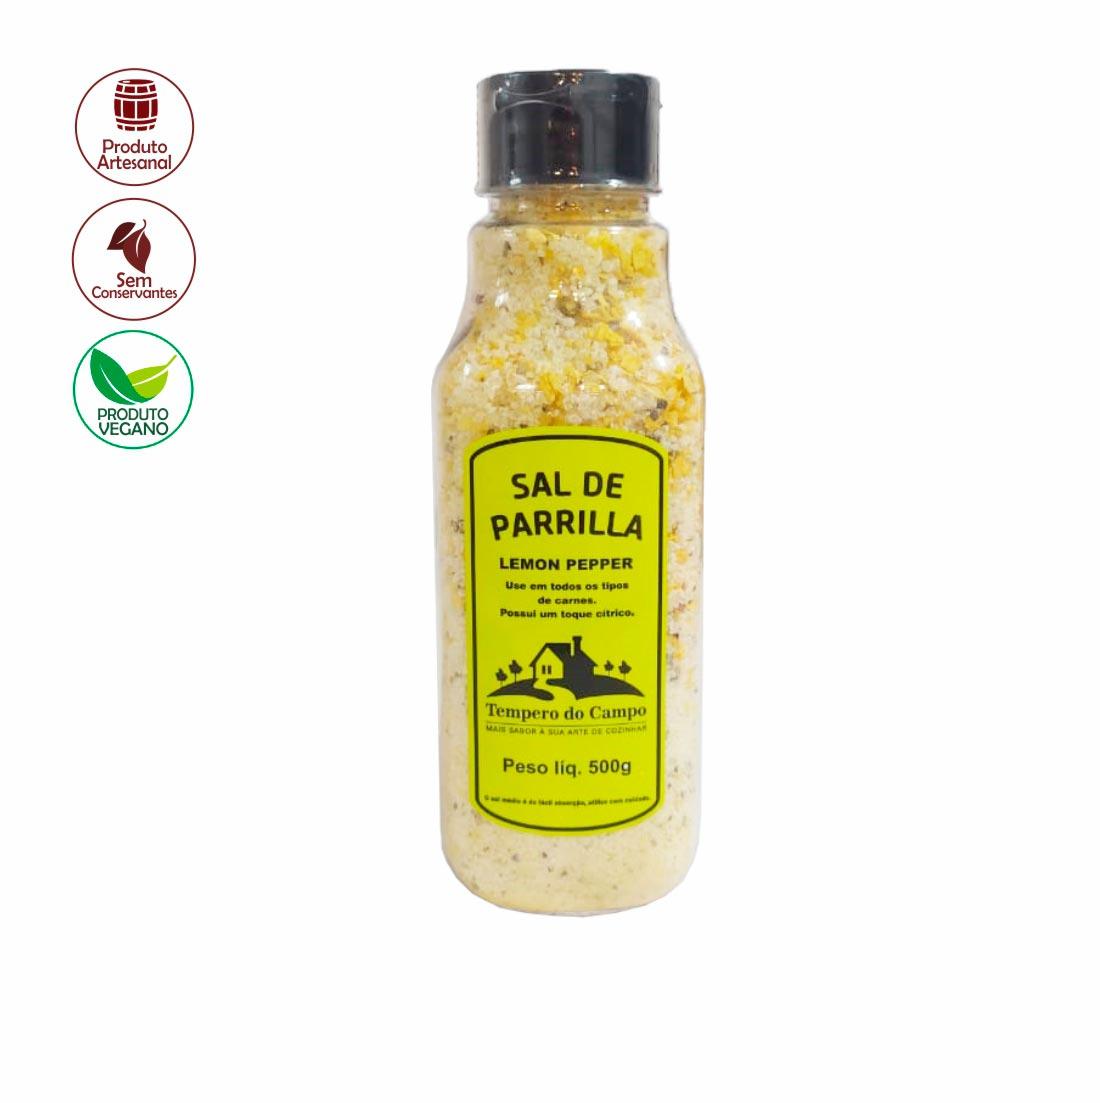 SAL DE PARRILLA COM LEMON PEPPER TEMPERO DO CAMPO 500G